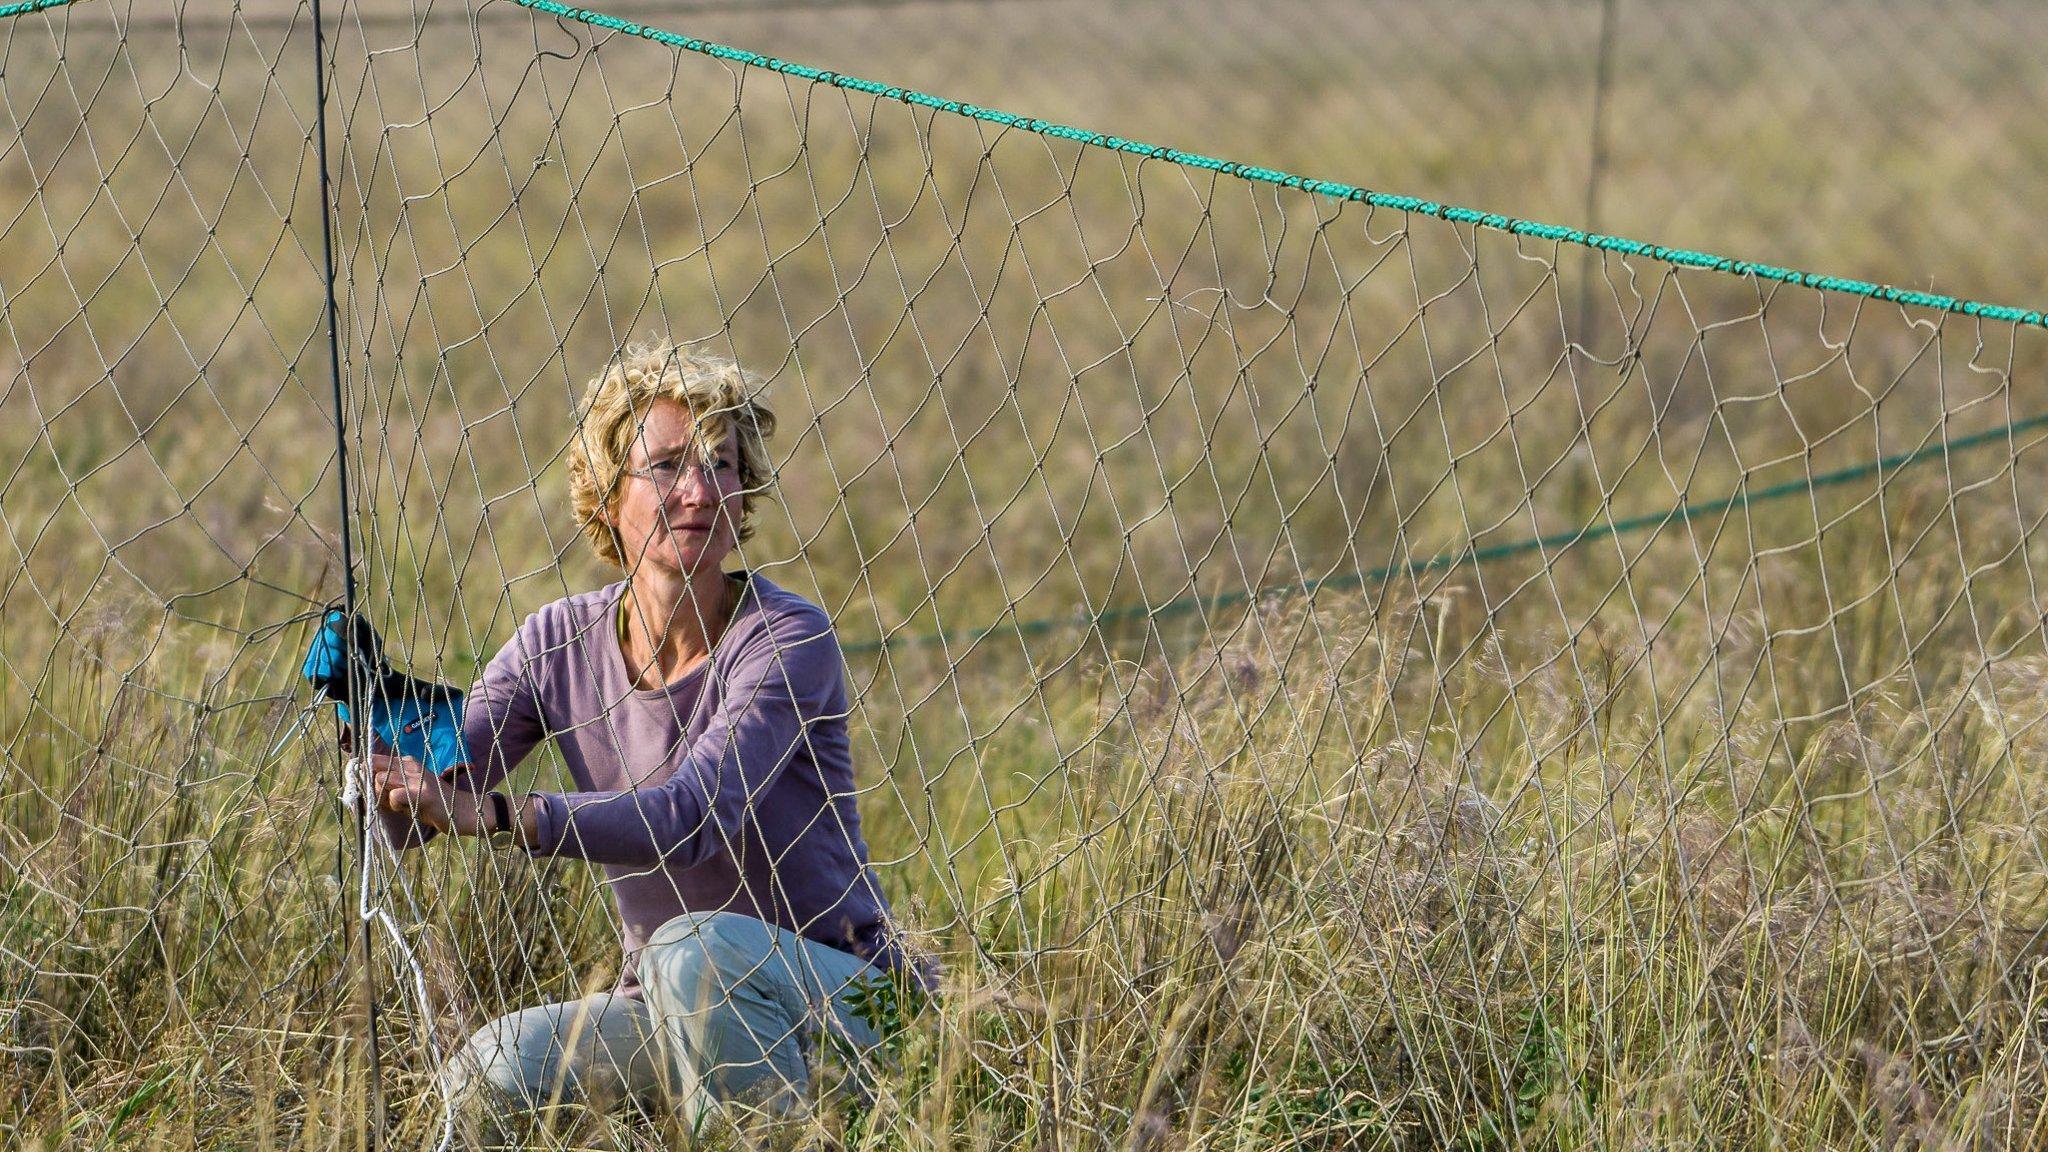 Eine Frau hockt neben einem grobmaschigen Netz im hohen Gras.